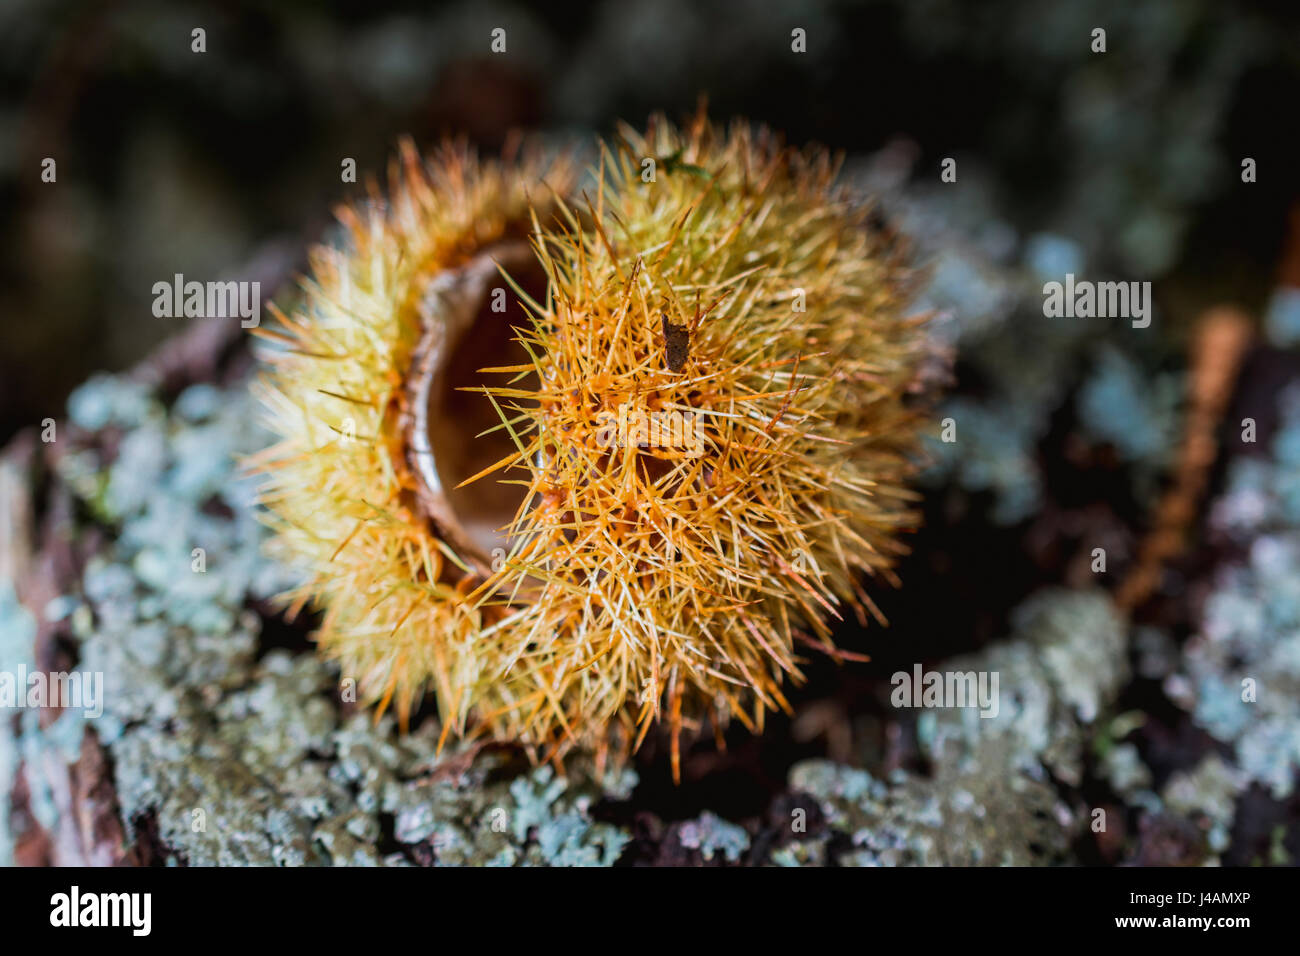 Sweet chestnut hedgehog. El Tiemblo, Ávila, Castilla y León, Spain, Europe - Stock Image